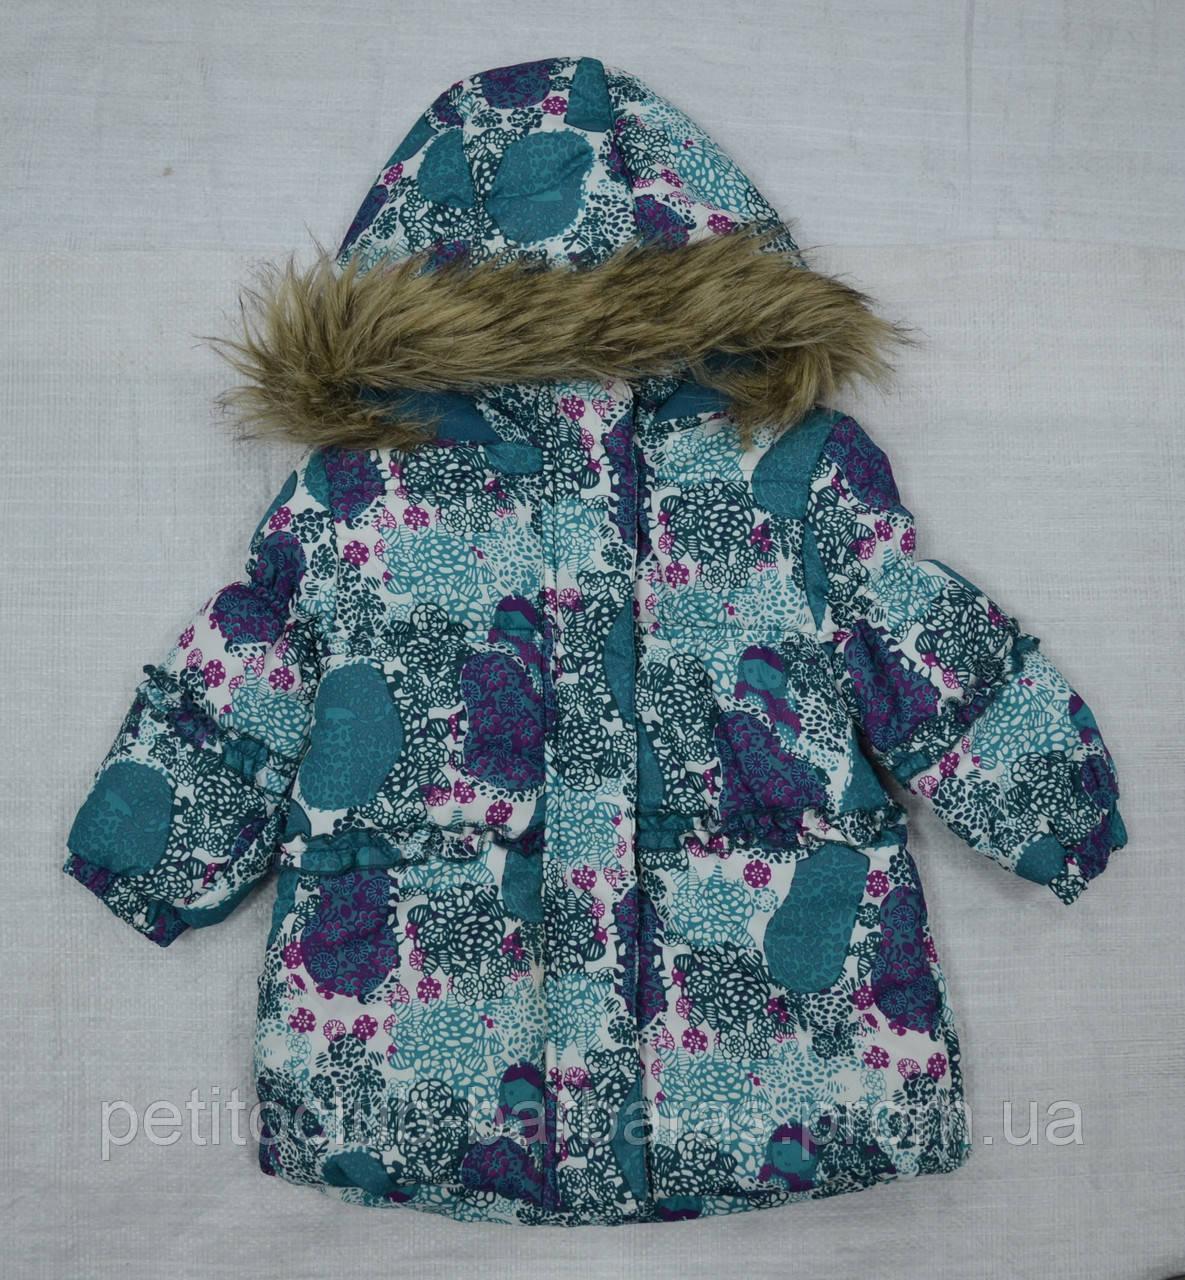 Куртка зимняя JACK для девочки бирюзовая (QuadriFoglio, Польша)